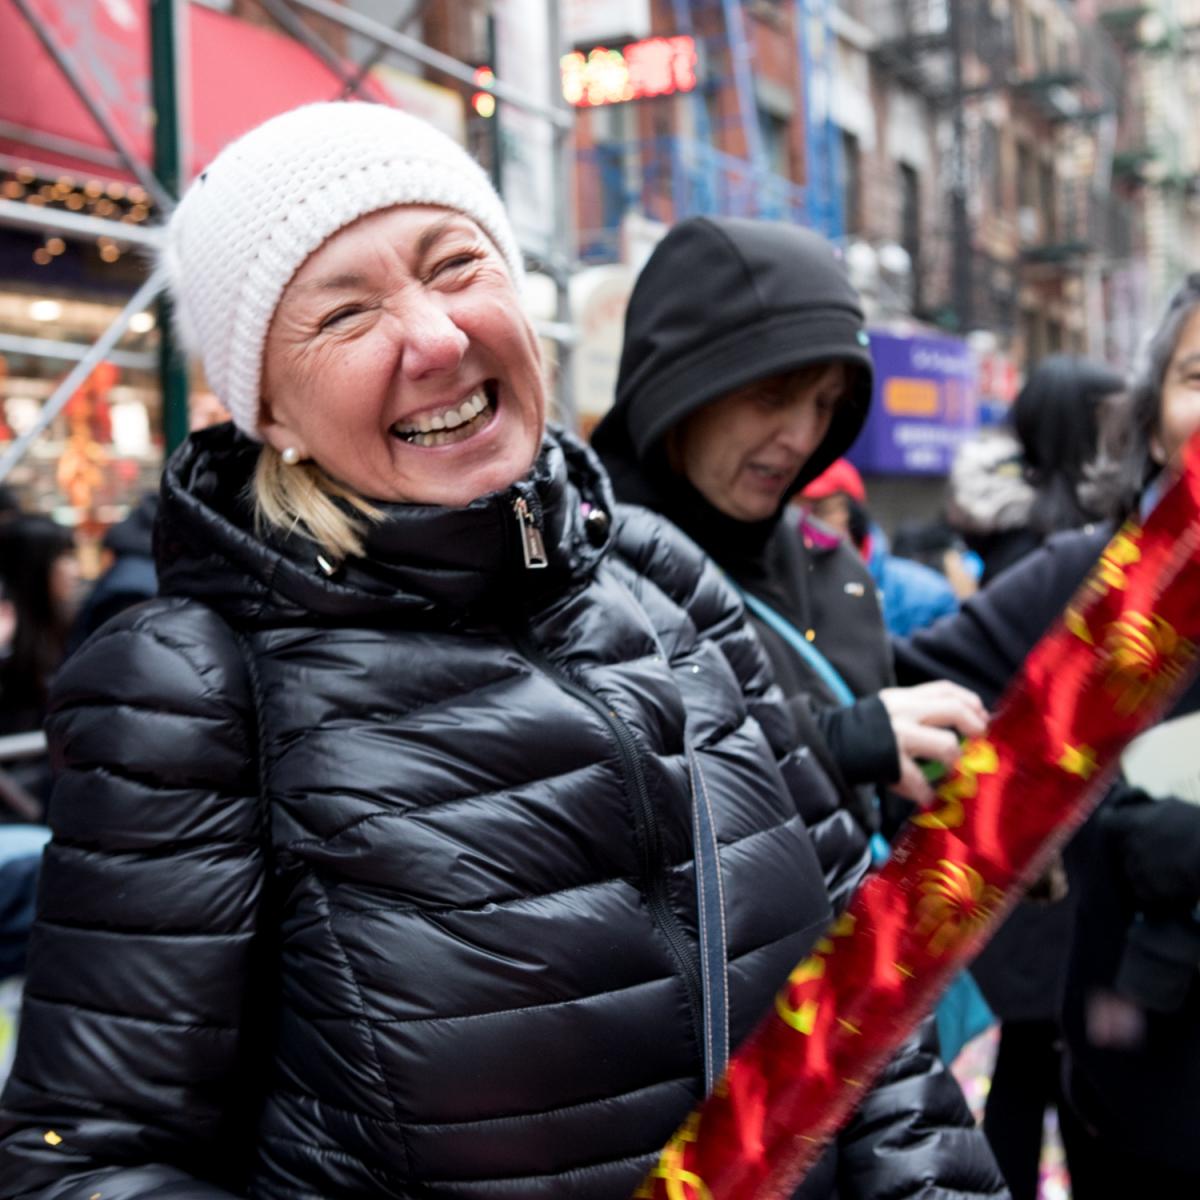 美國春節好熱鬧    ----紐約曼哈頓唐人街大年初一 20170128_图1-8